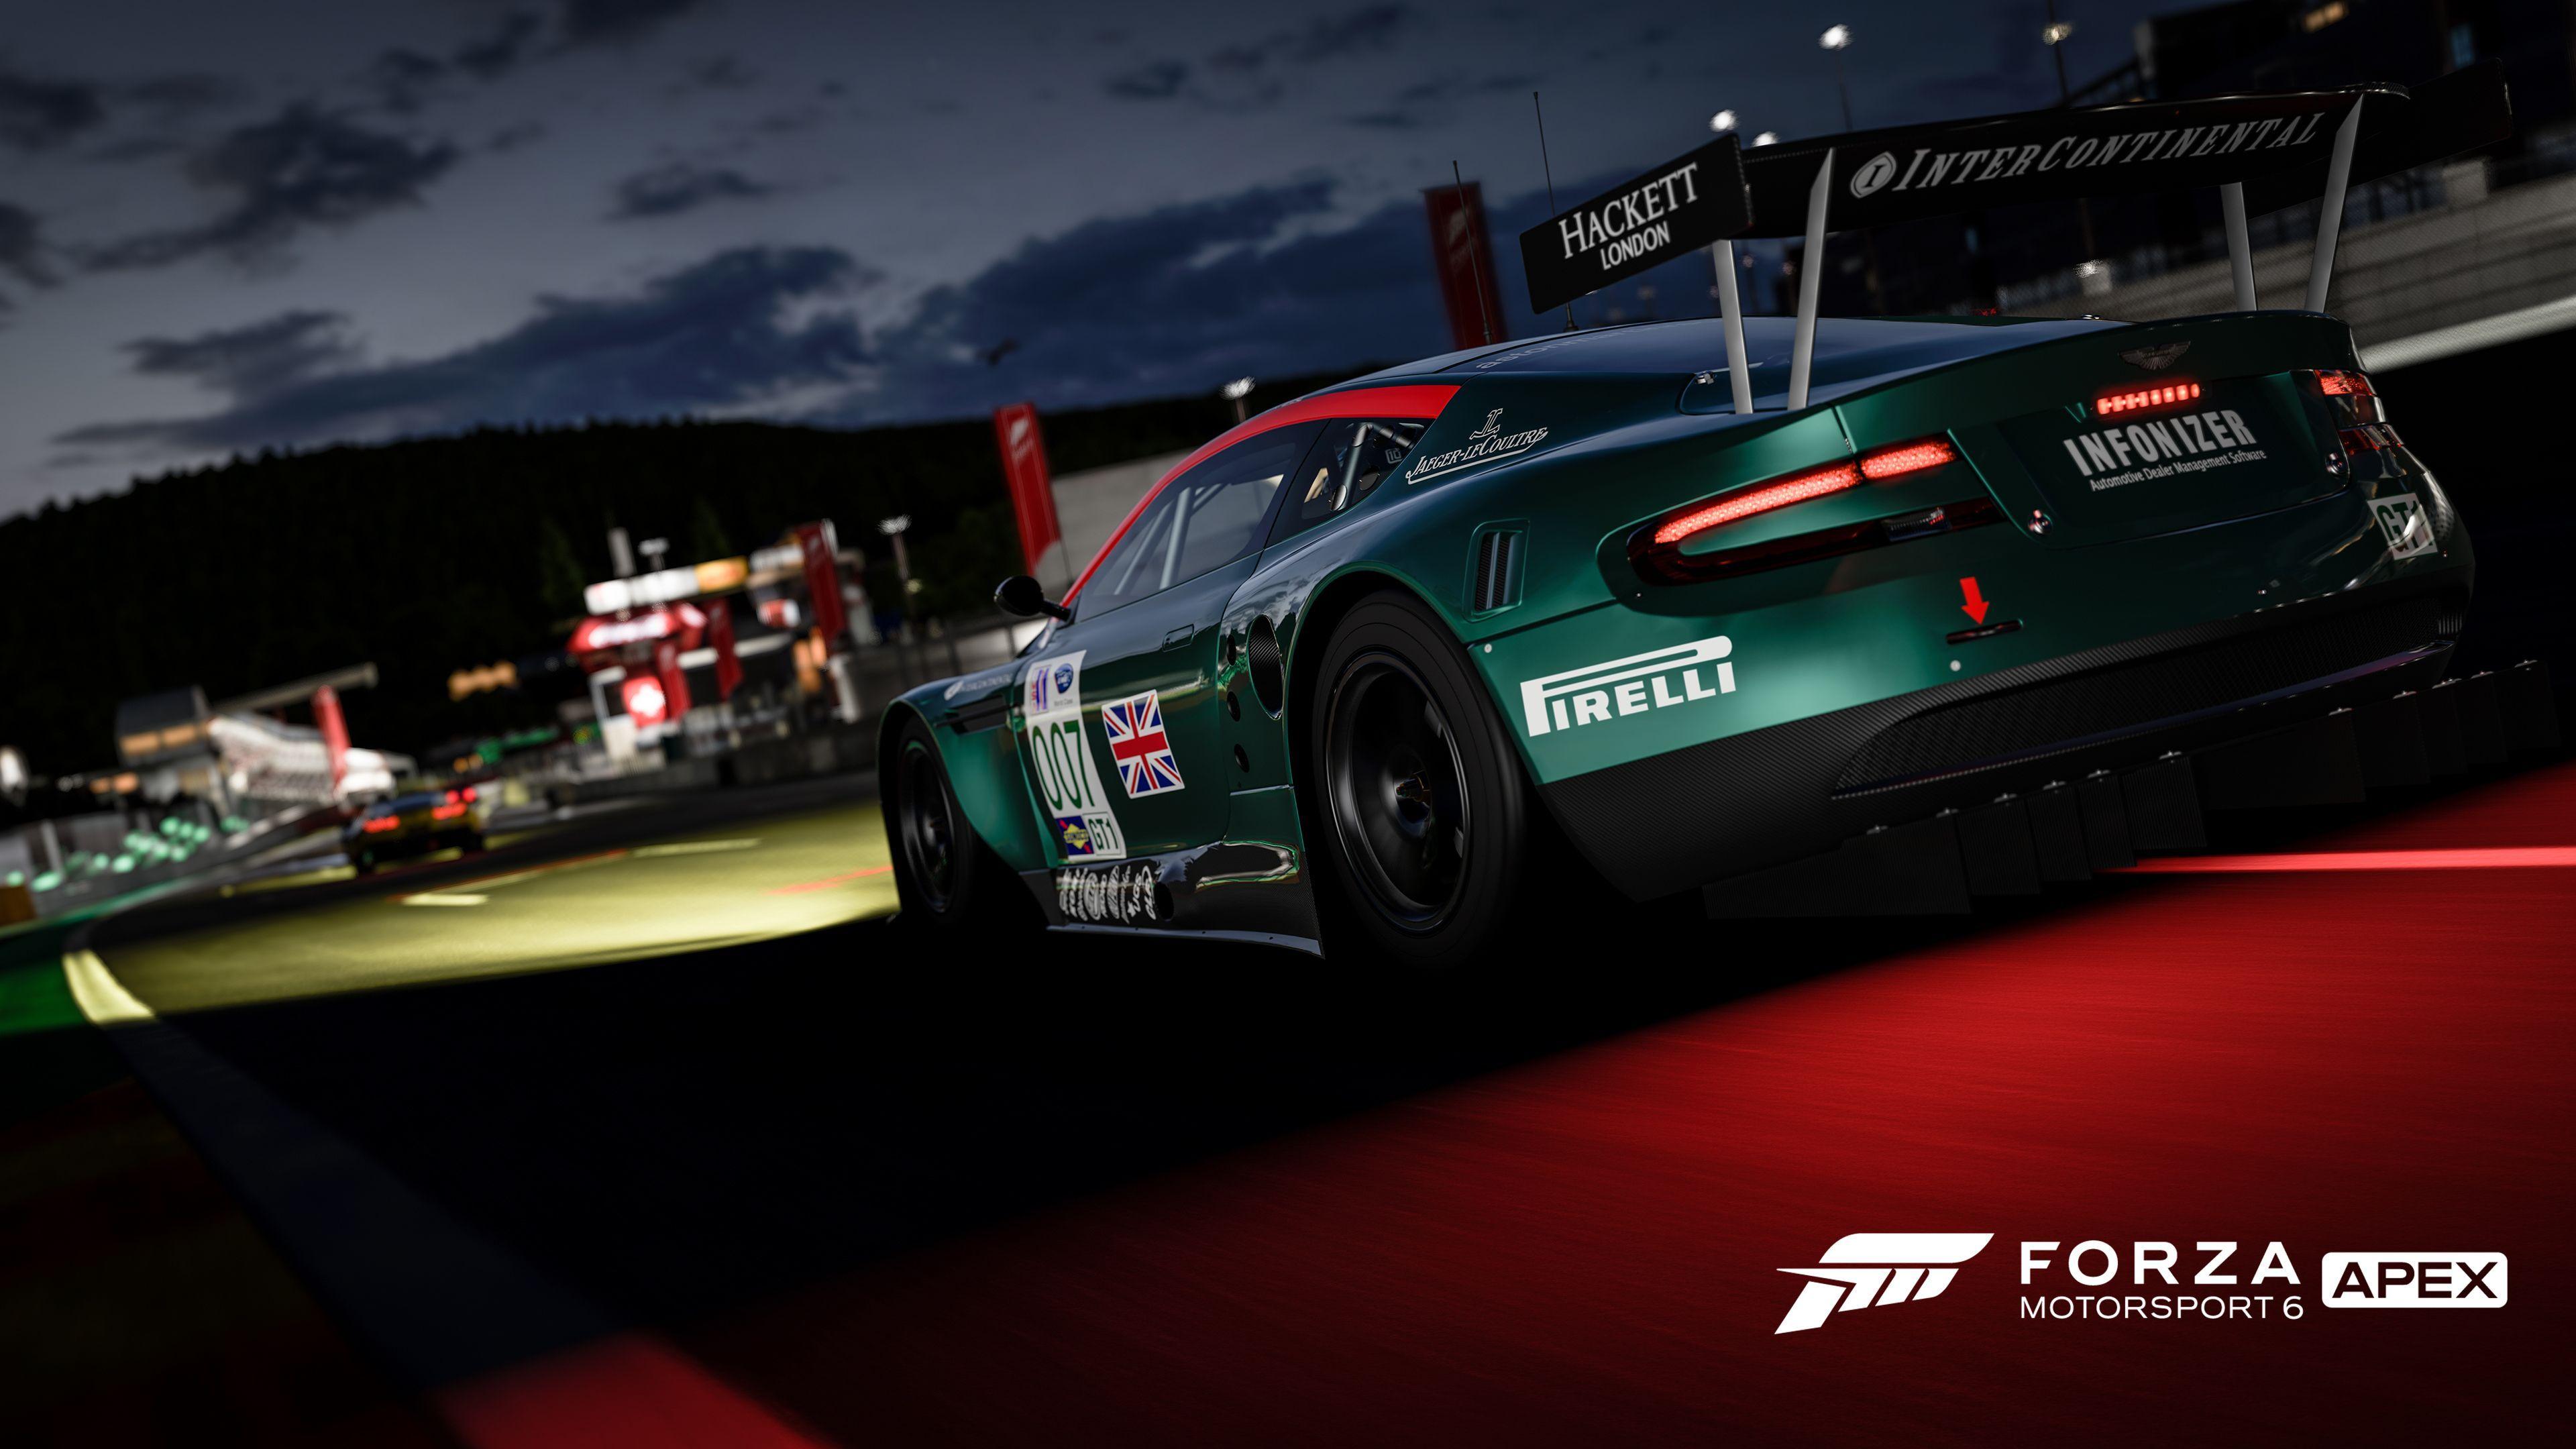 Forza Motorsport 6 Apex Computer Wallpapers Desktop Backgrounds